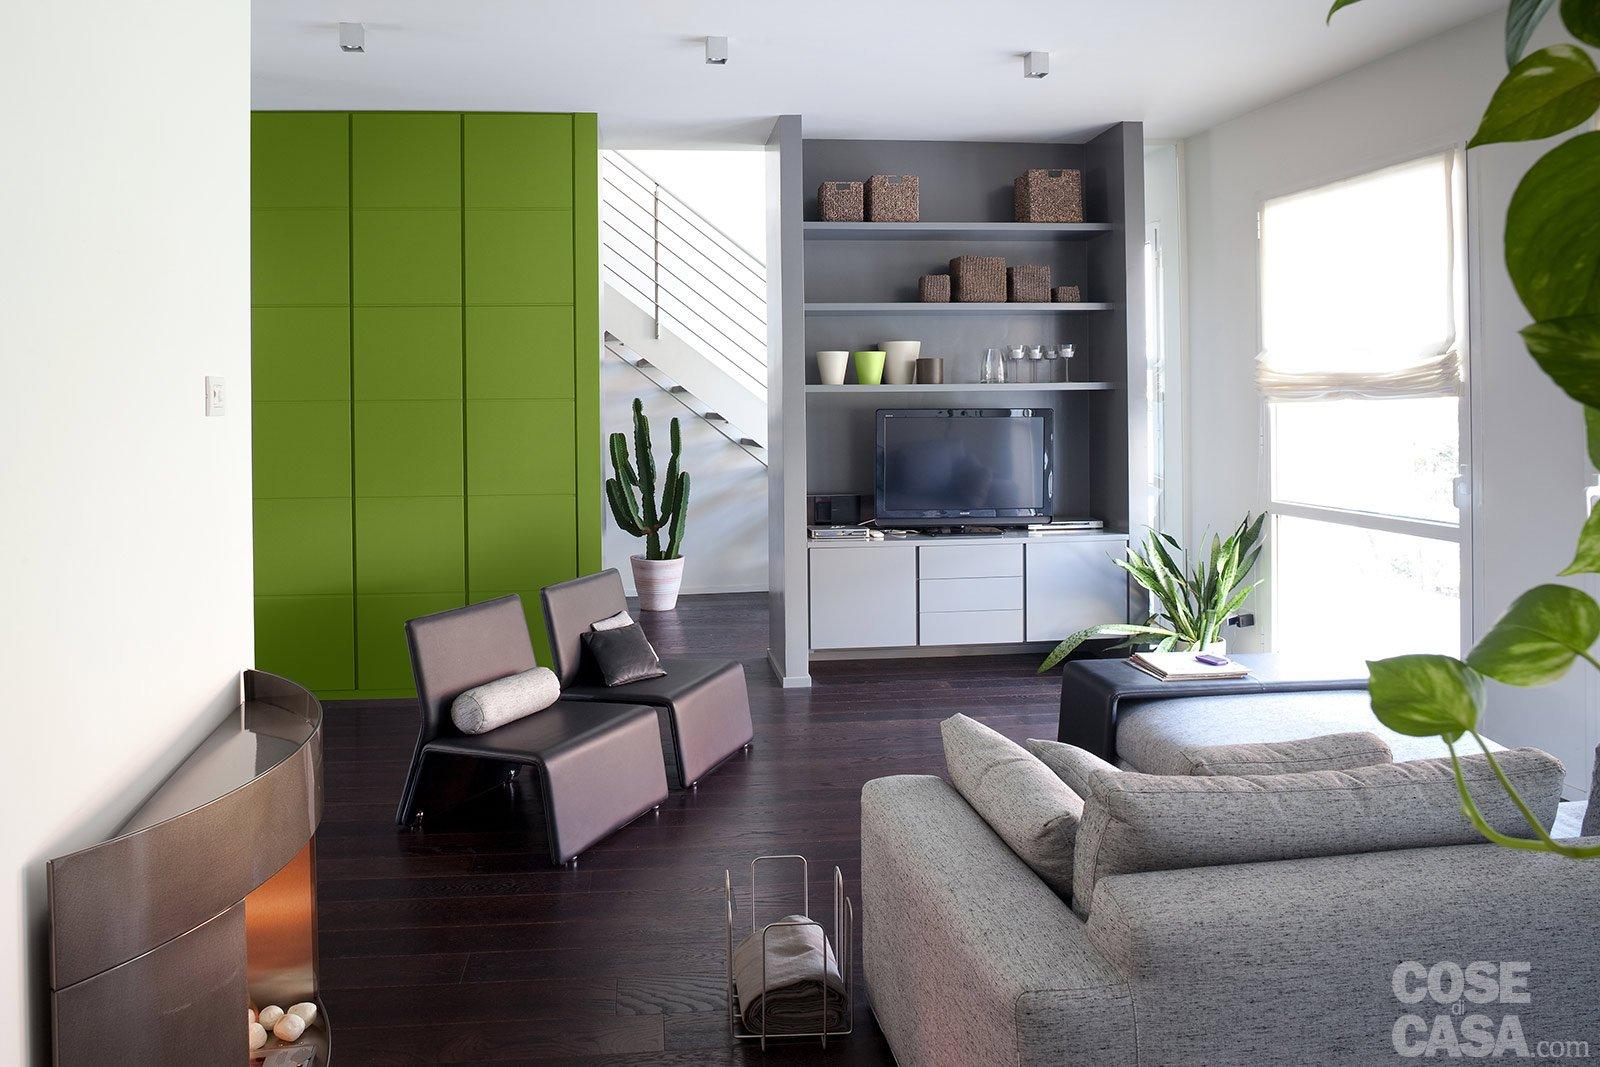 Una casa ristrutturata puntando sull 39 efficienza energetica for Foto di case arredate